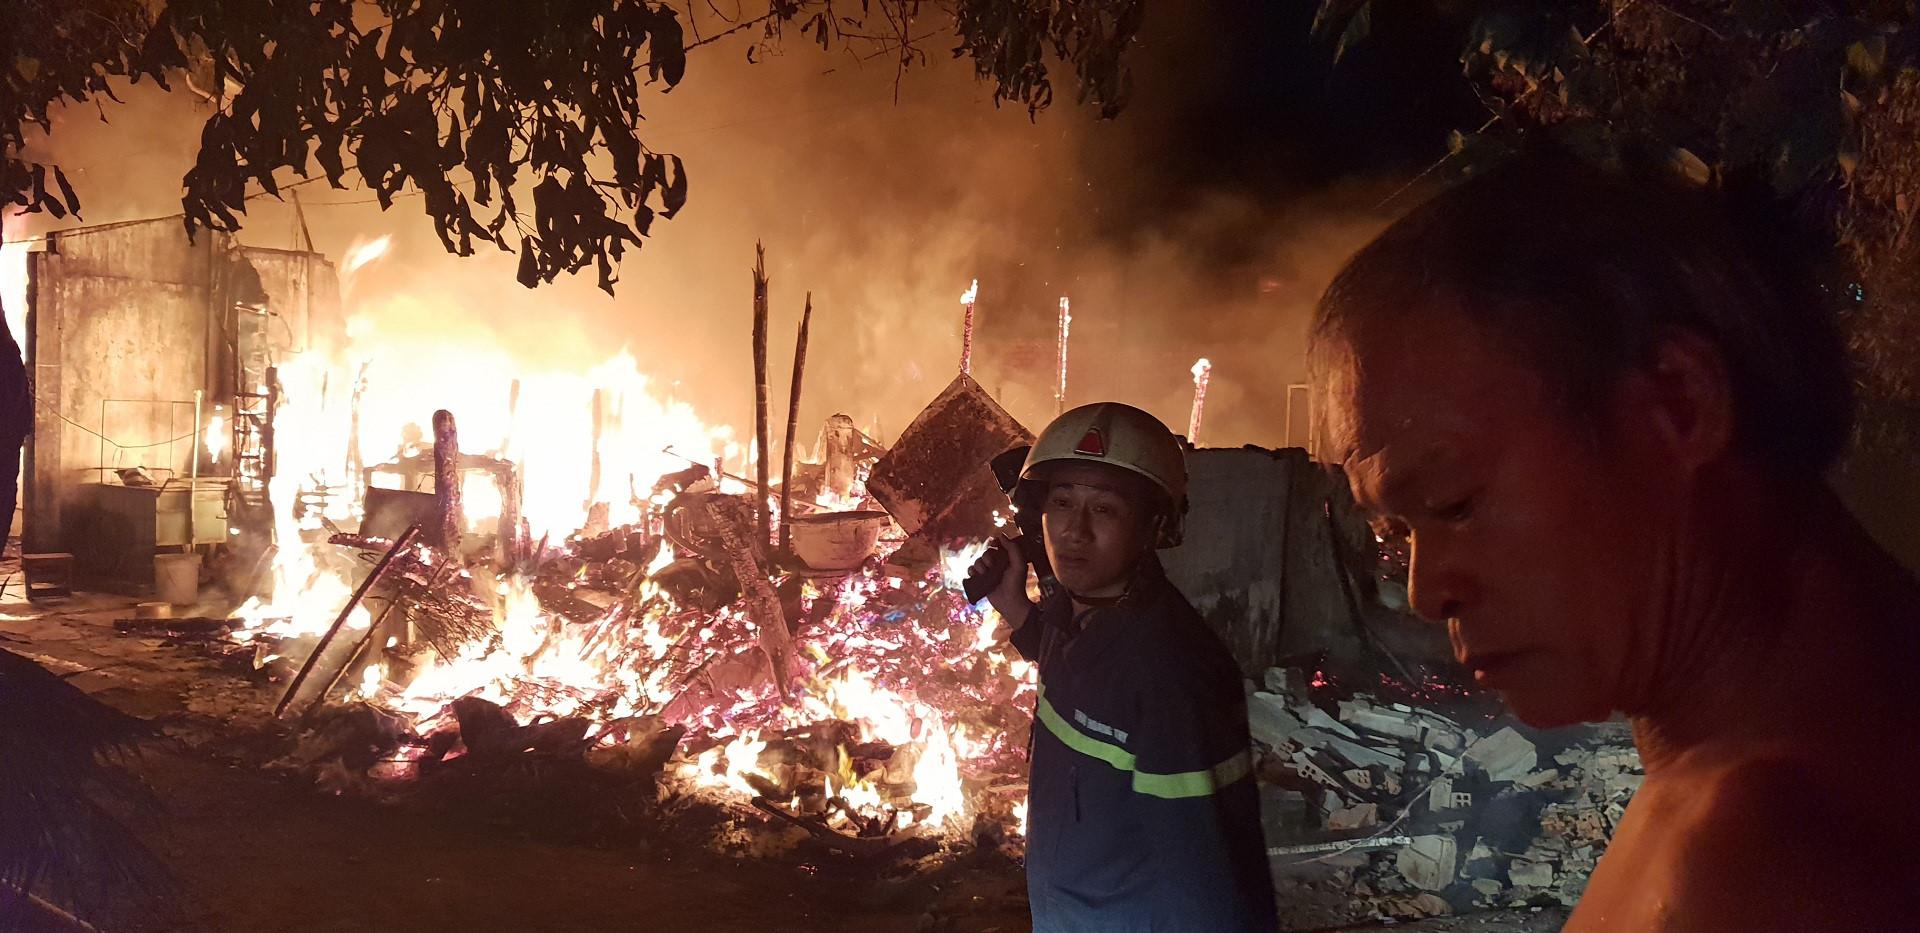 Cháy lán trại, người dân ôm tài sản tháo chạy trong đêm Ảnh 1